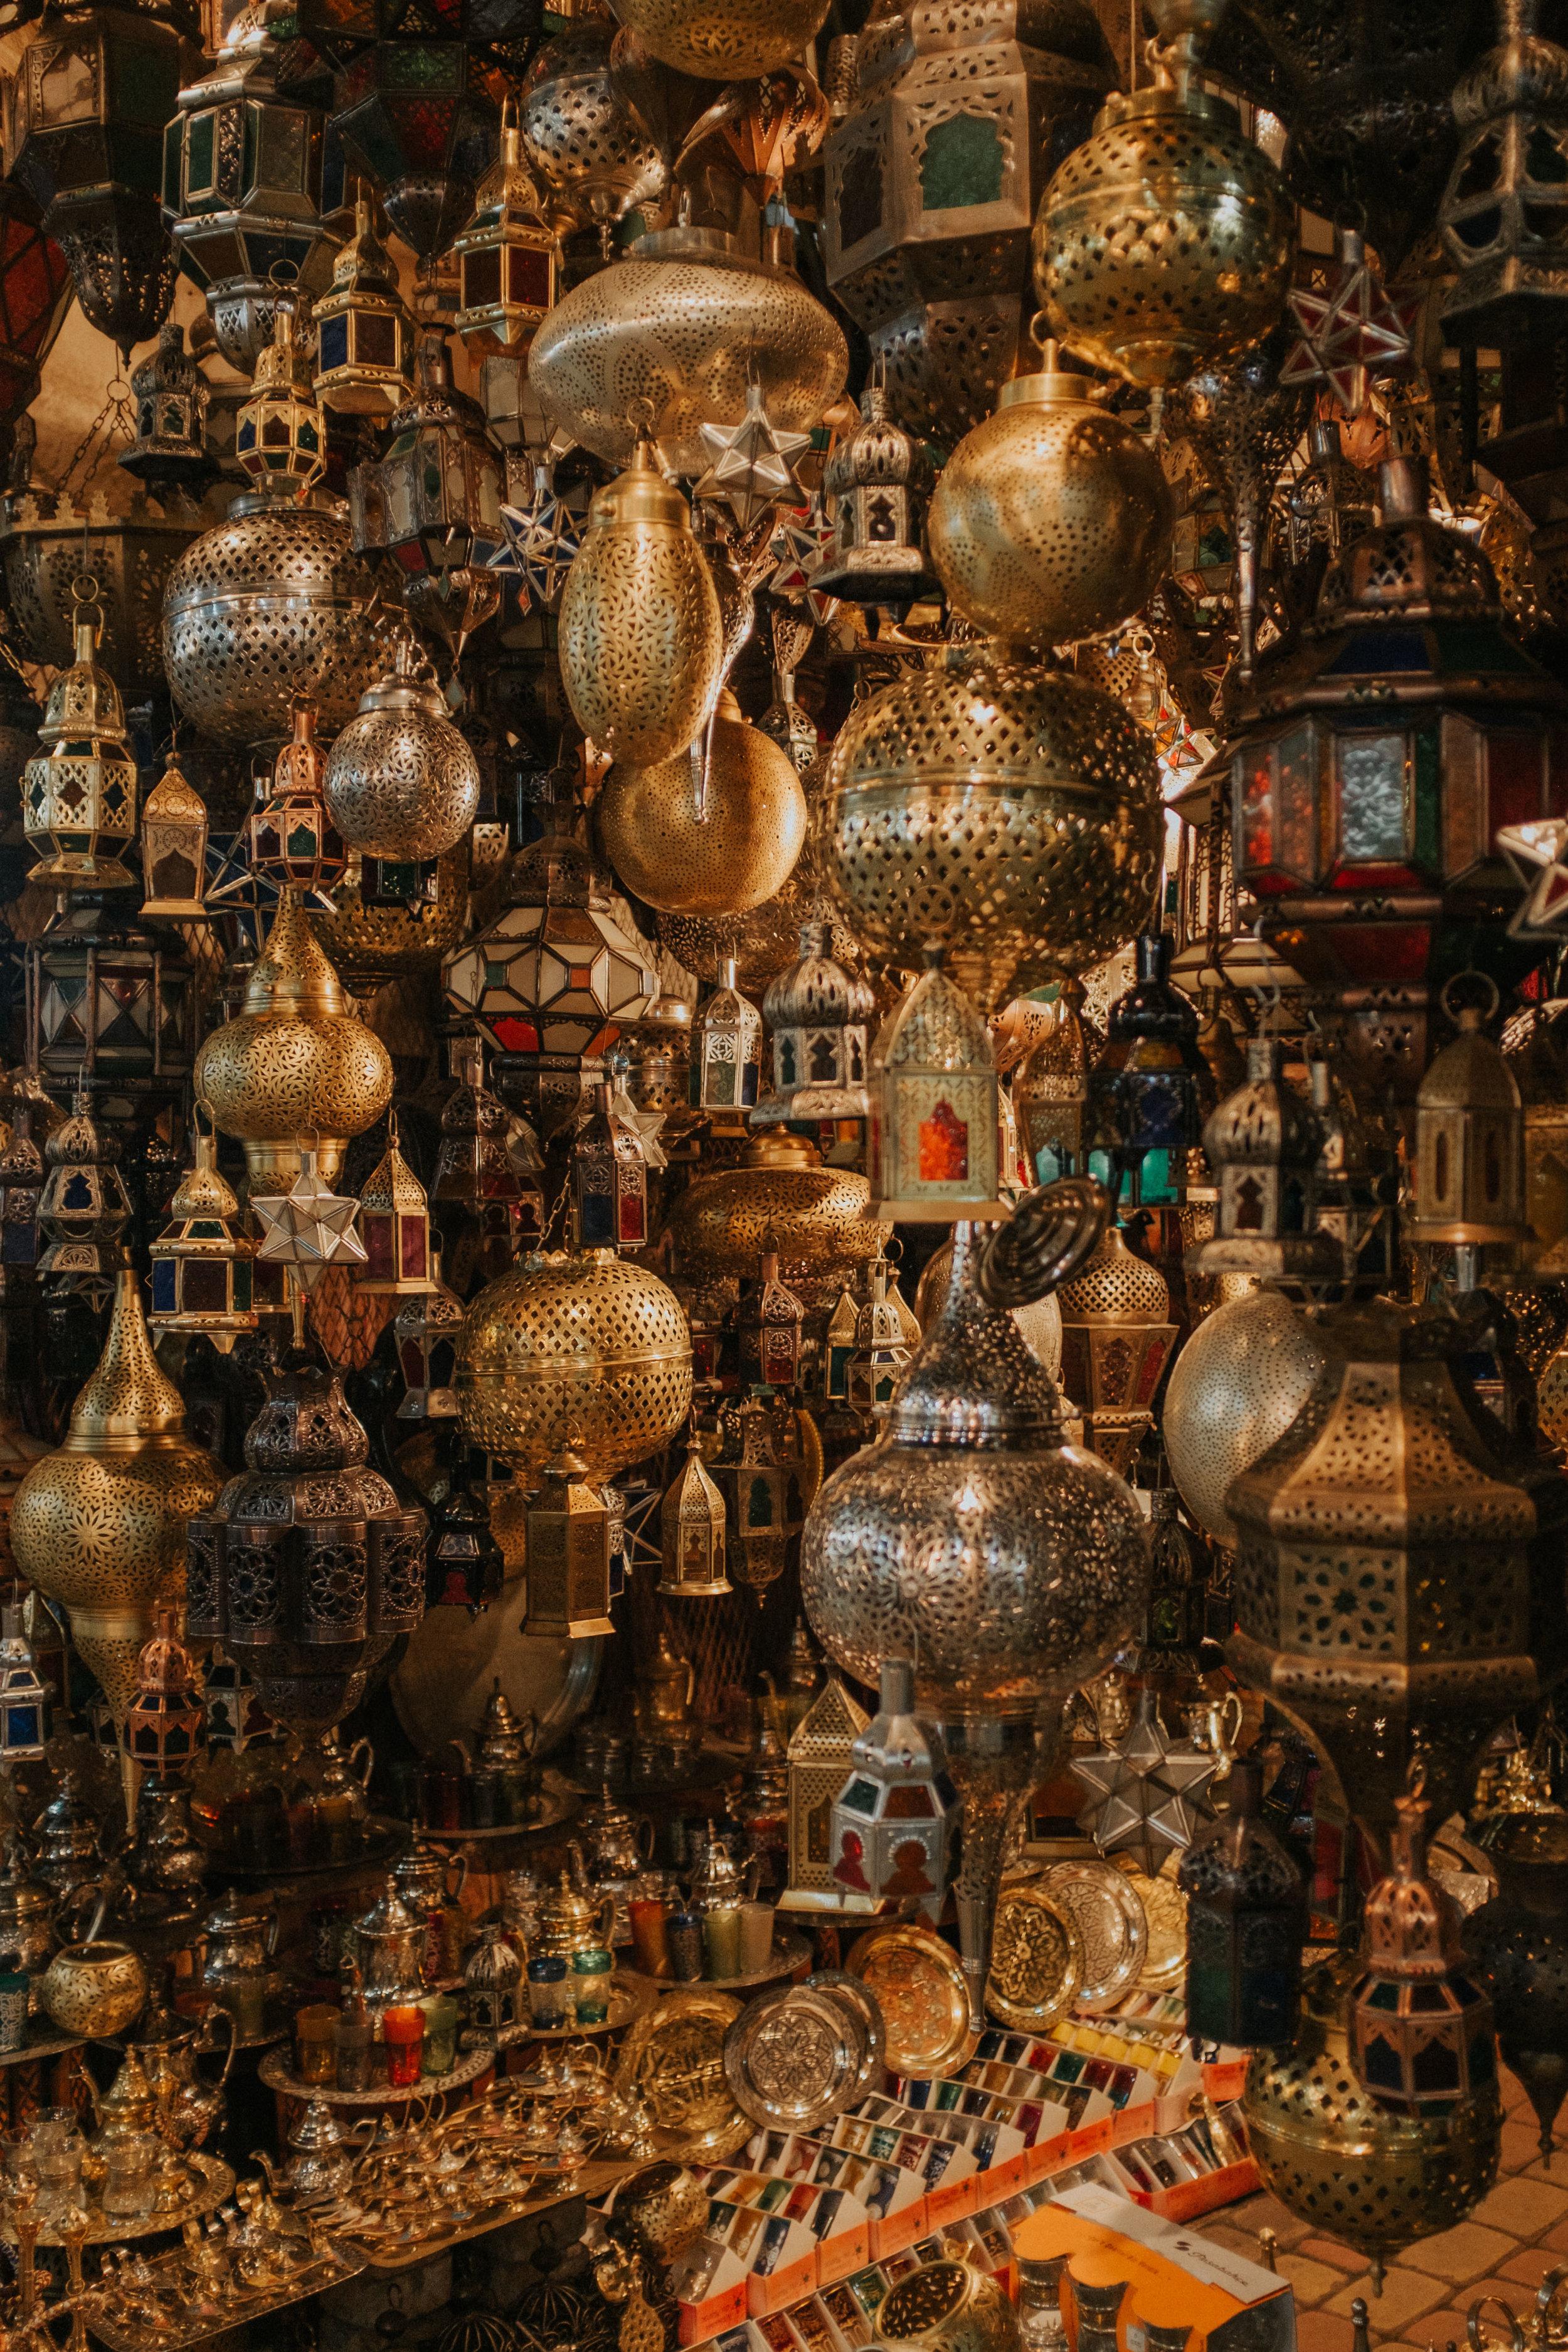 Morocco_2018_02_10_223859-01216_CMB.jpg